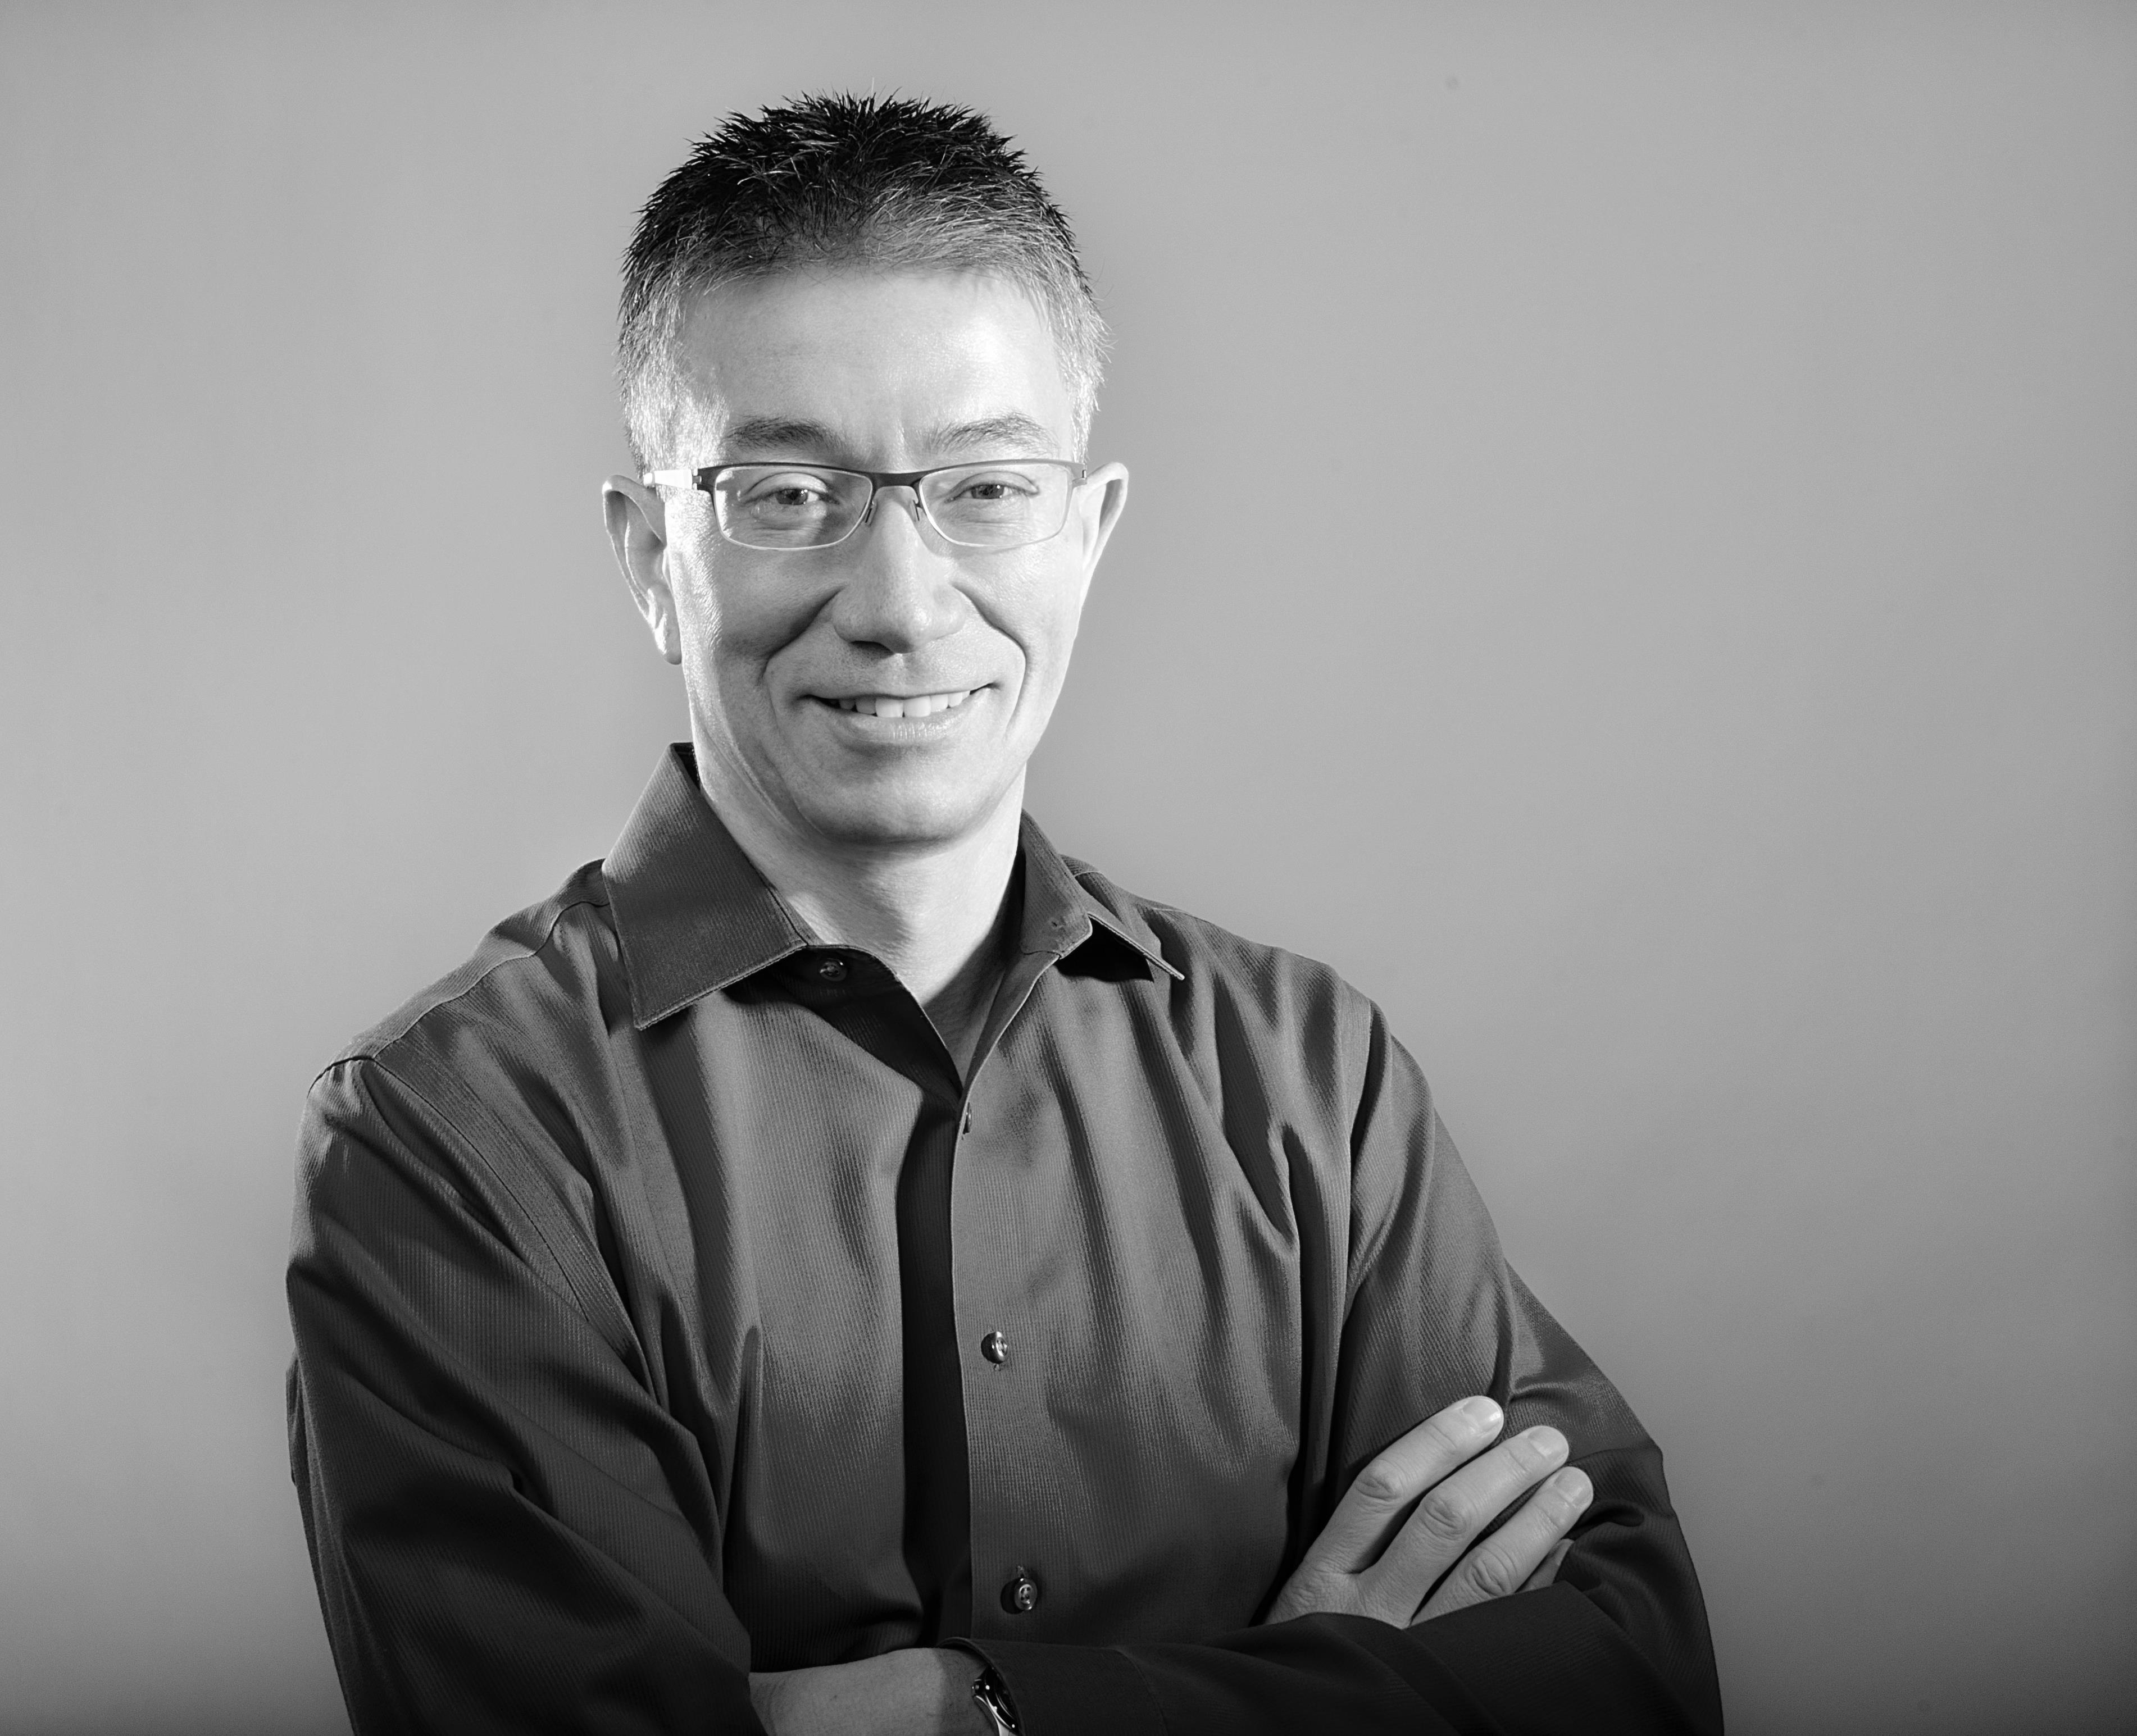 Marc Ducnuigeen